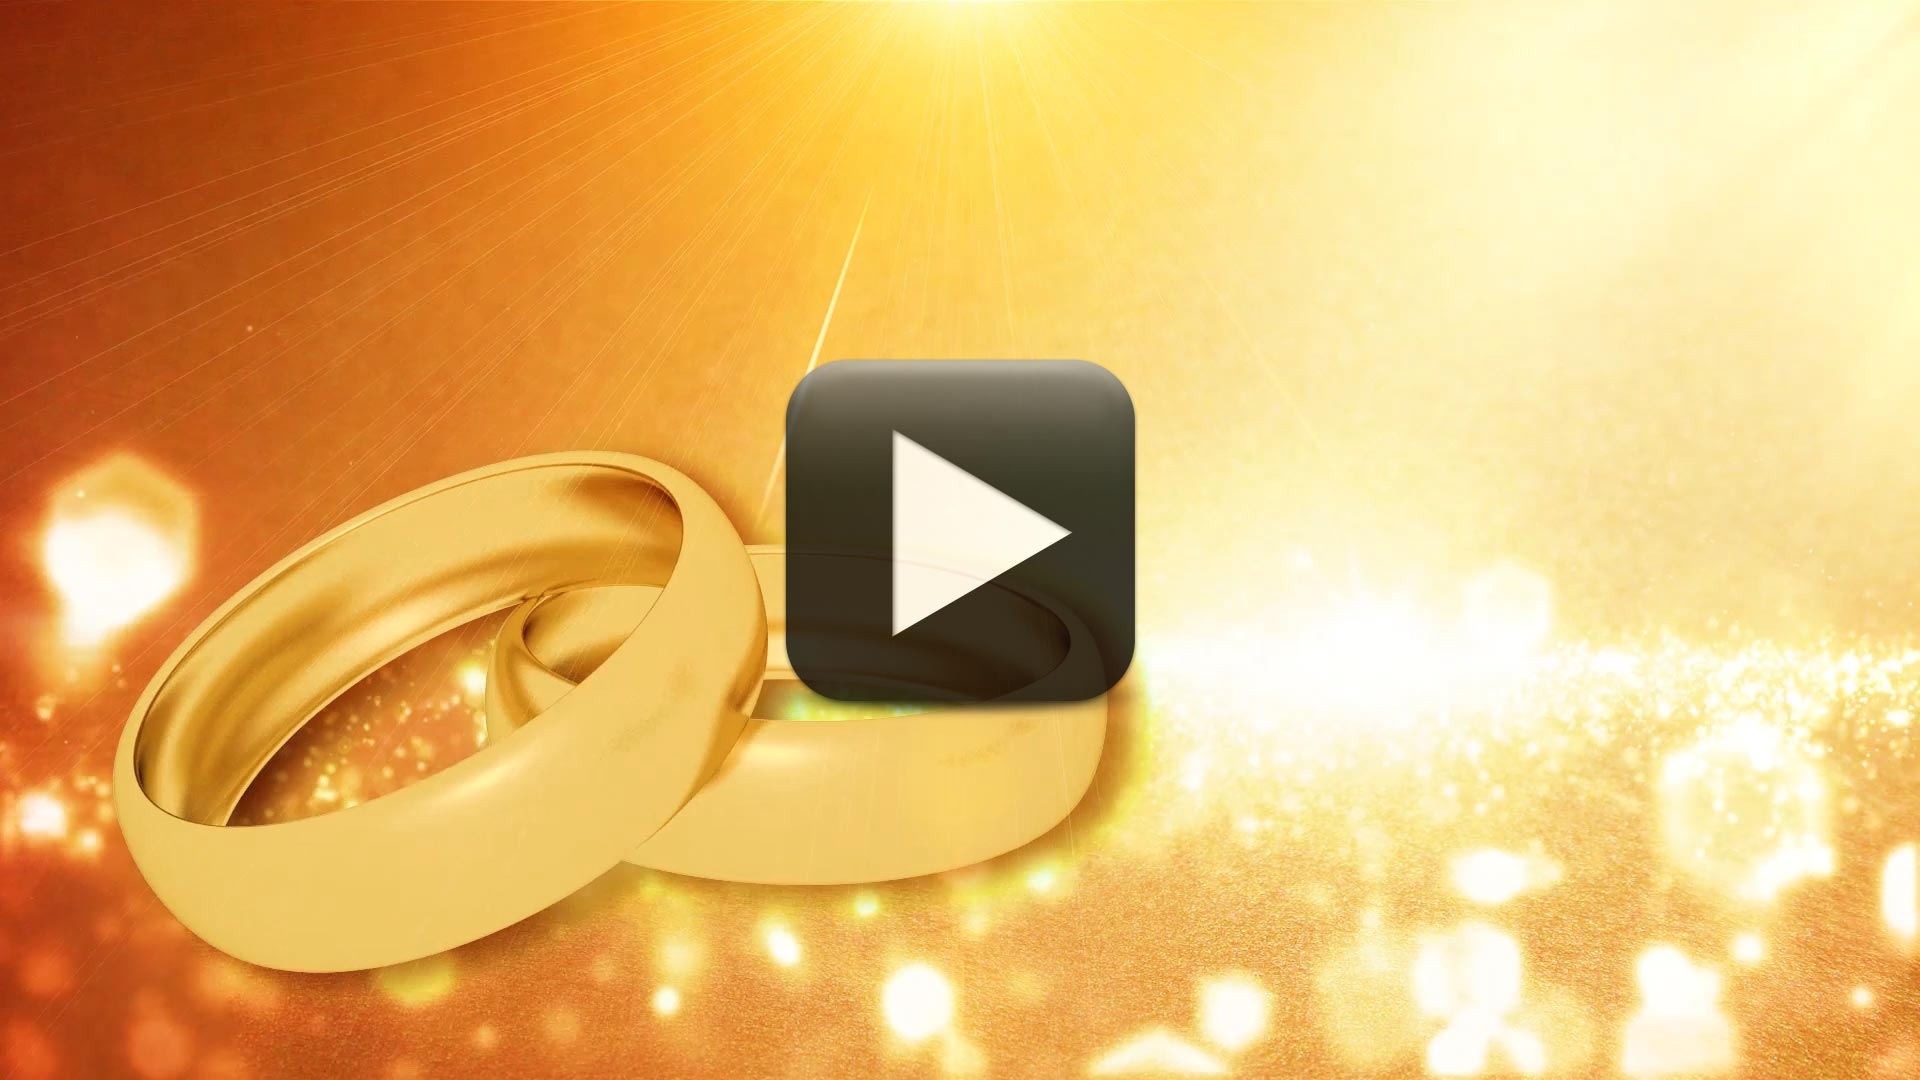 Wedding Video Background